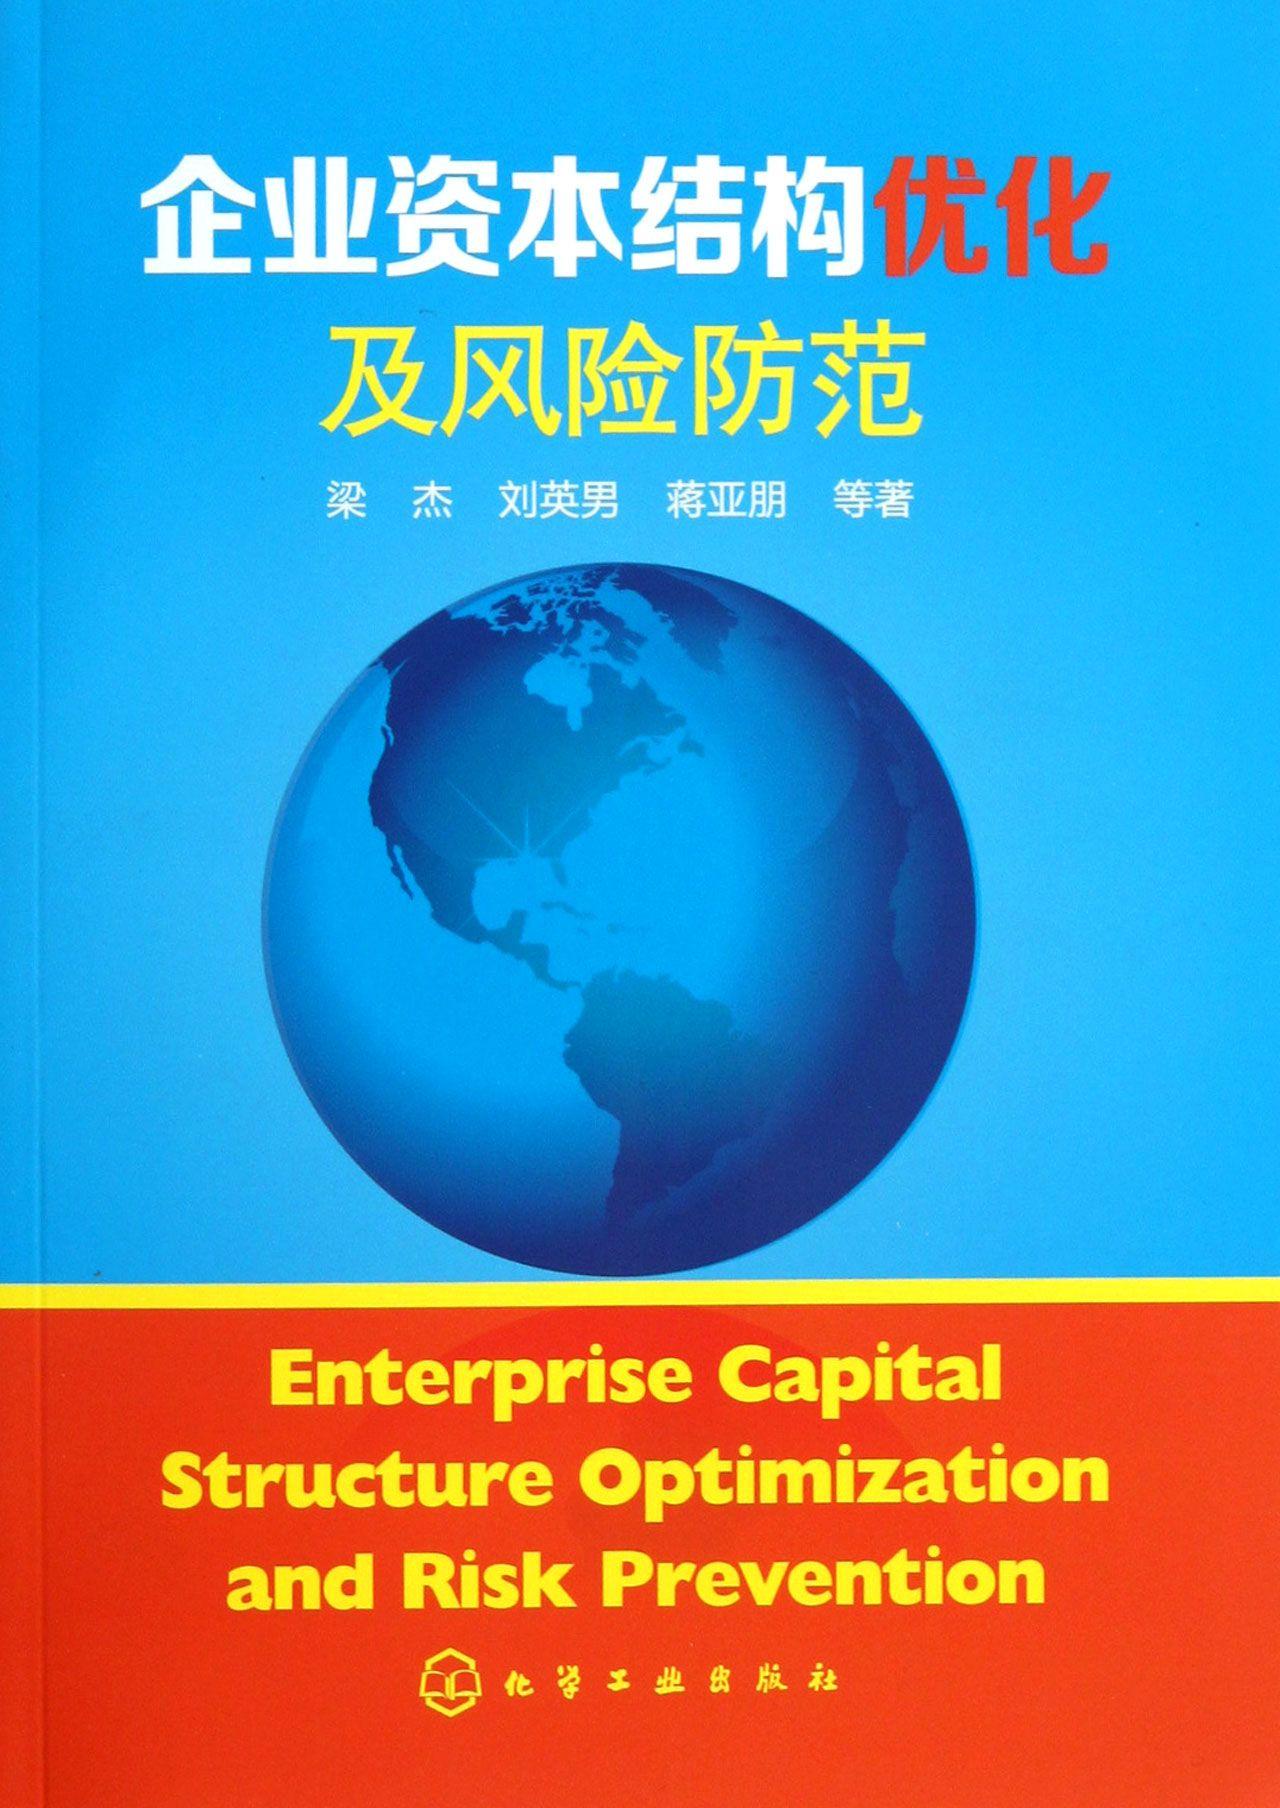 企业资本结构优化及风险防范